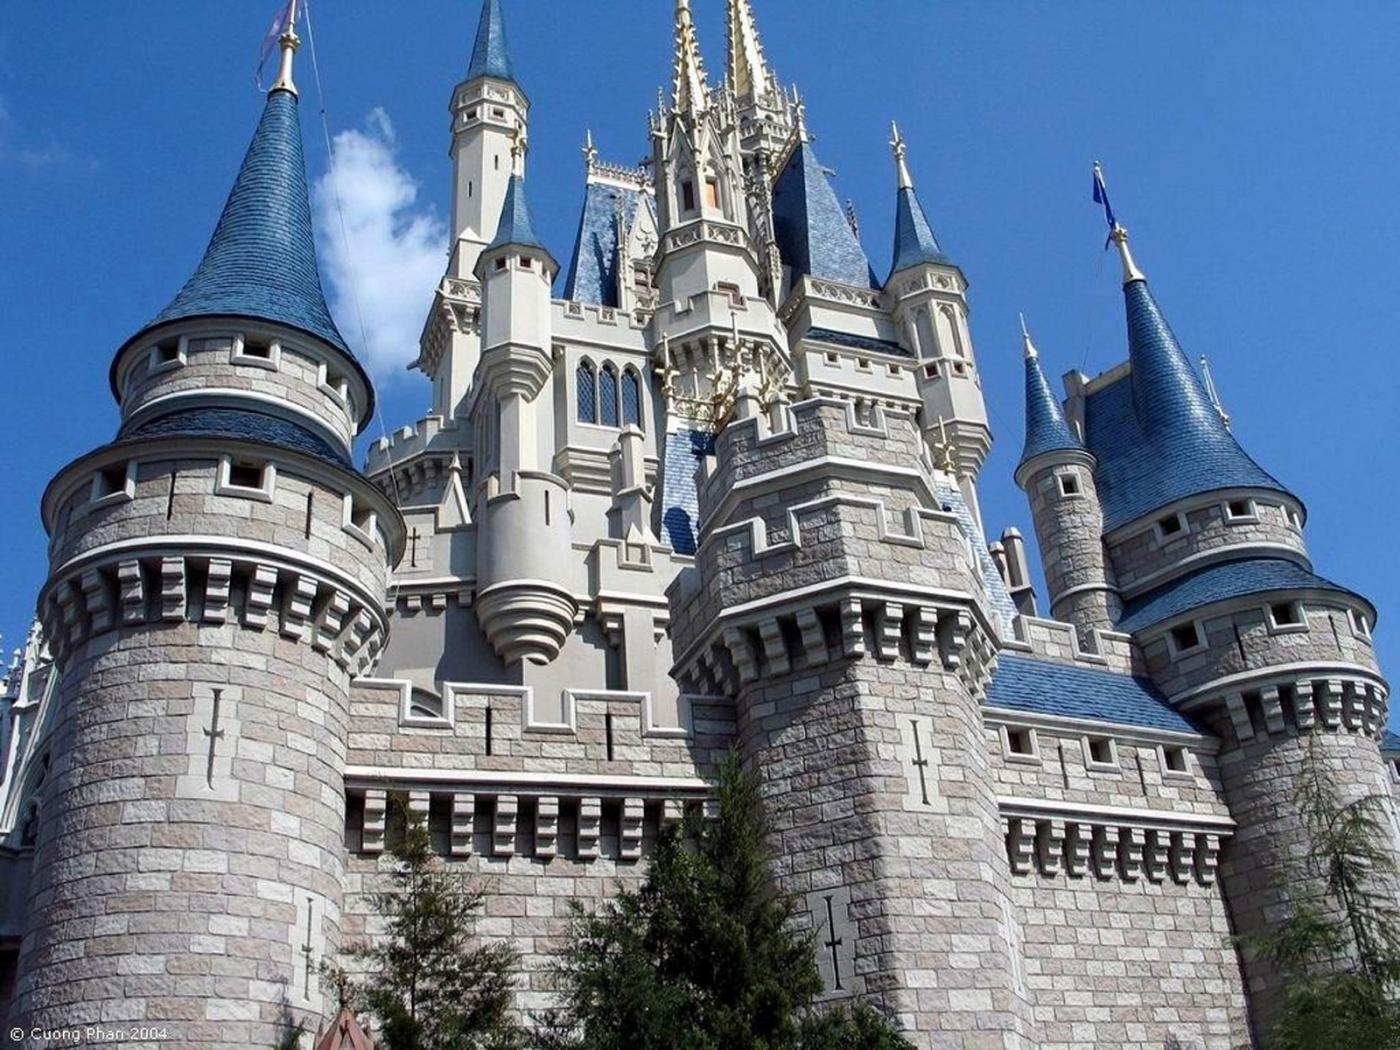 24932 скачать обои Архитектура, Замки, Диснейленд (Disneyland) - заставки и картинки бесплатно